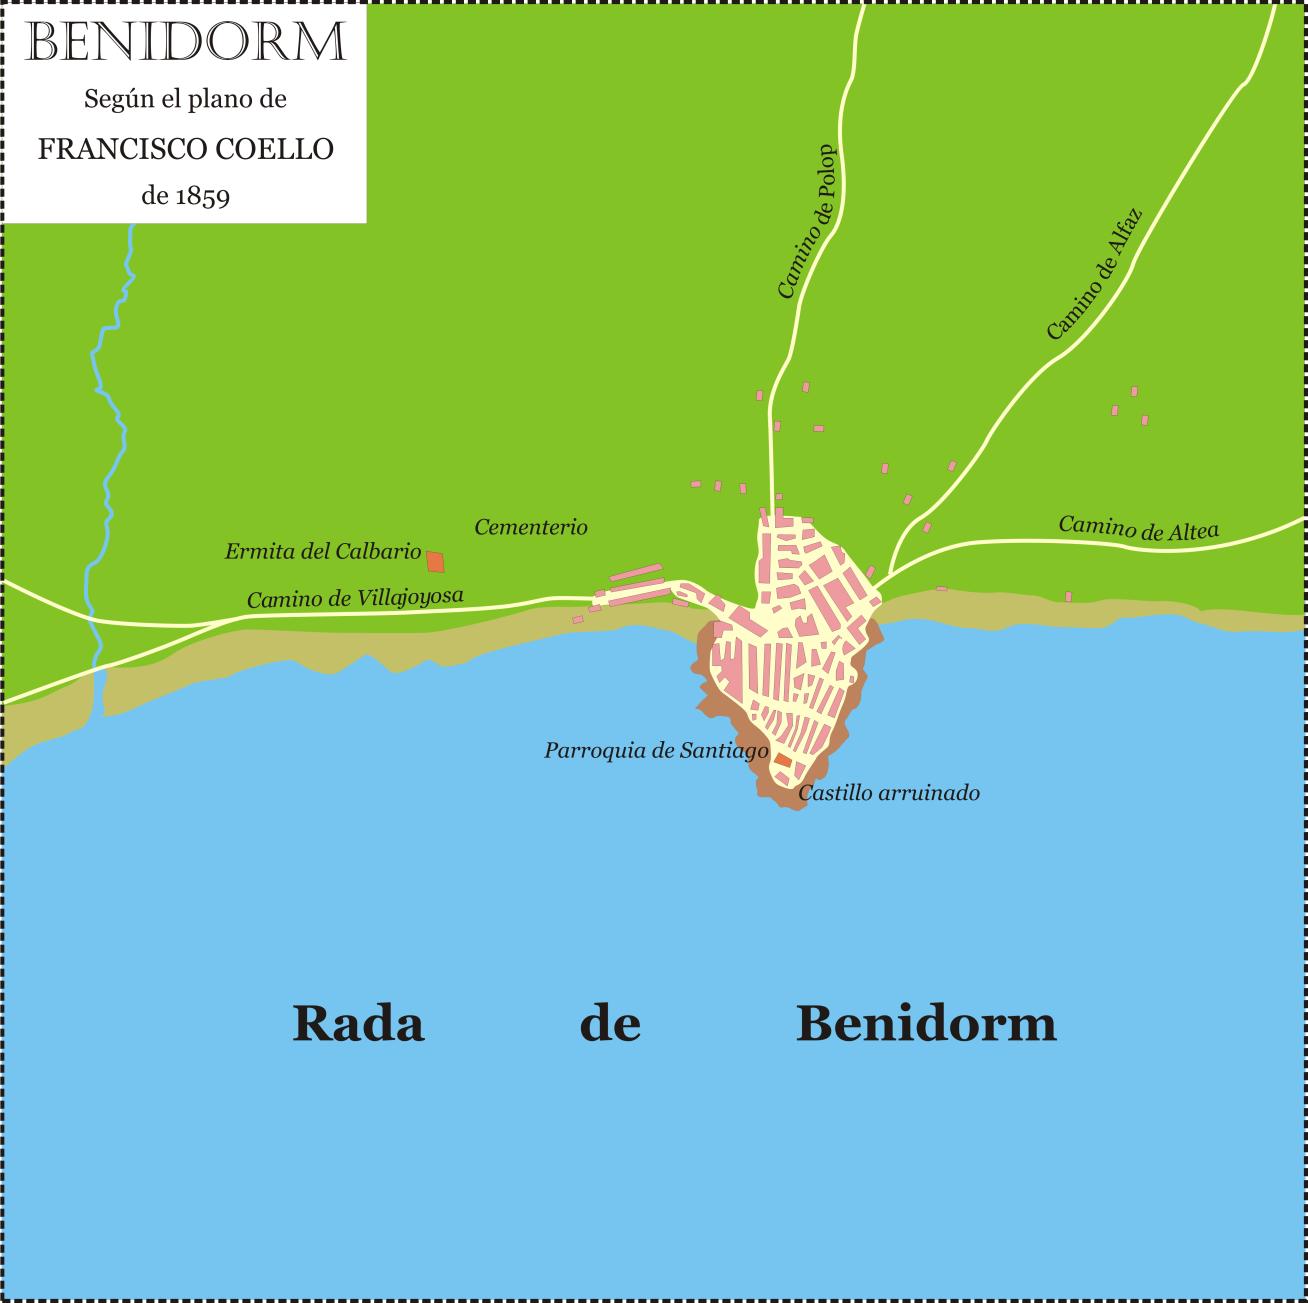 Plano de Benidorm basado en el de Francisco Coello de 1859